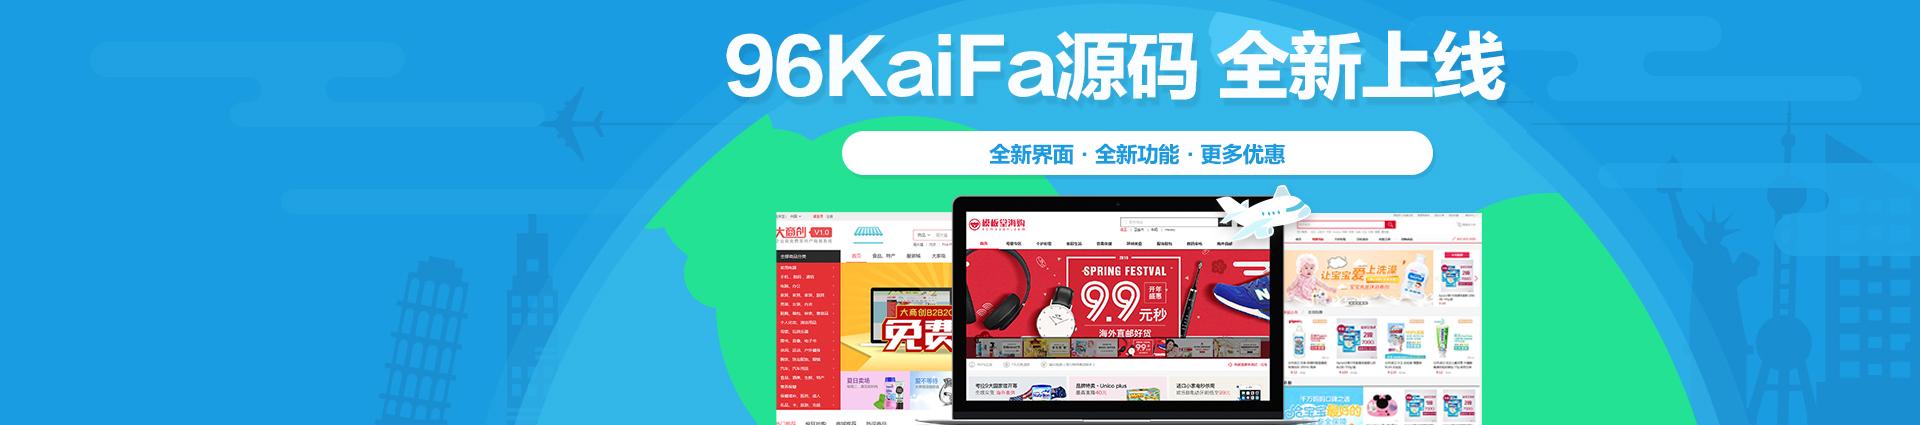 96kaifa源码全新上线